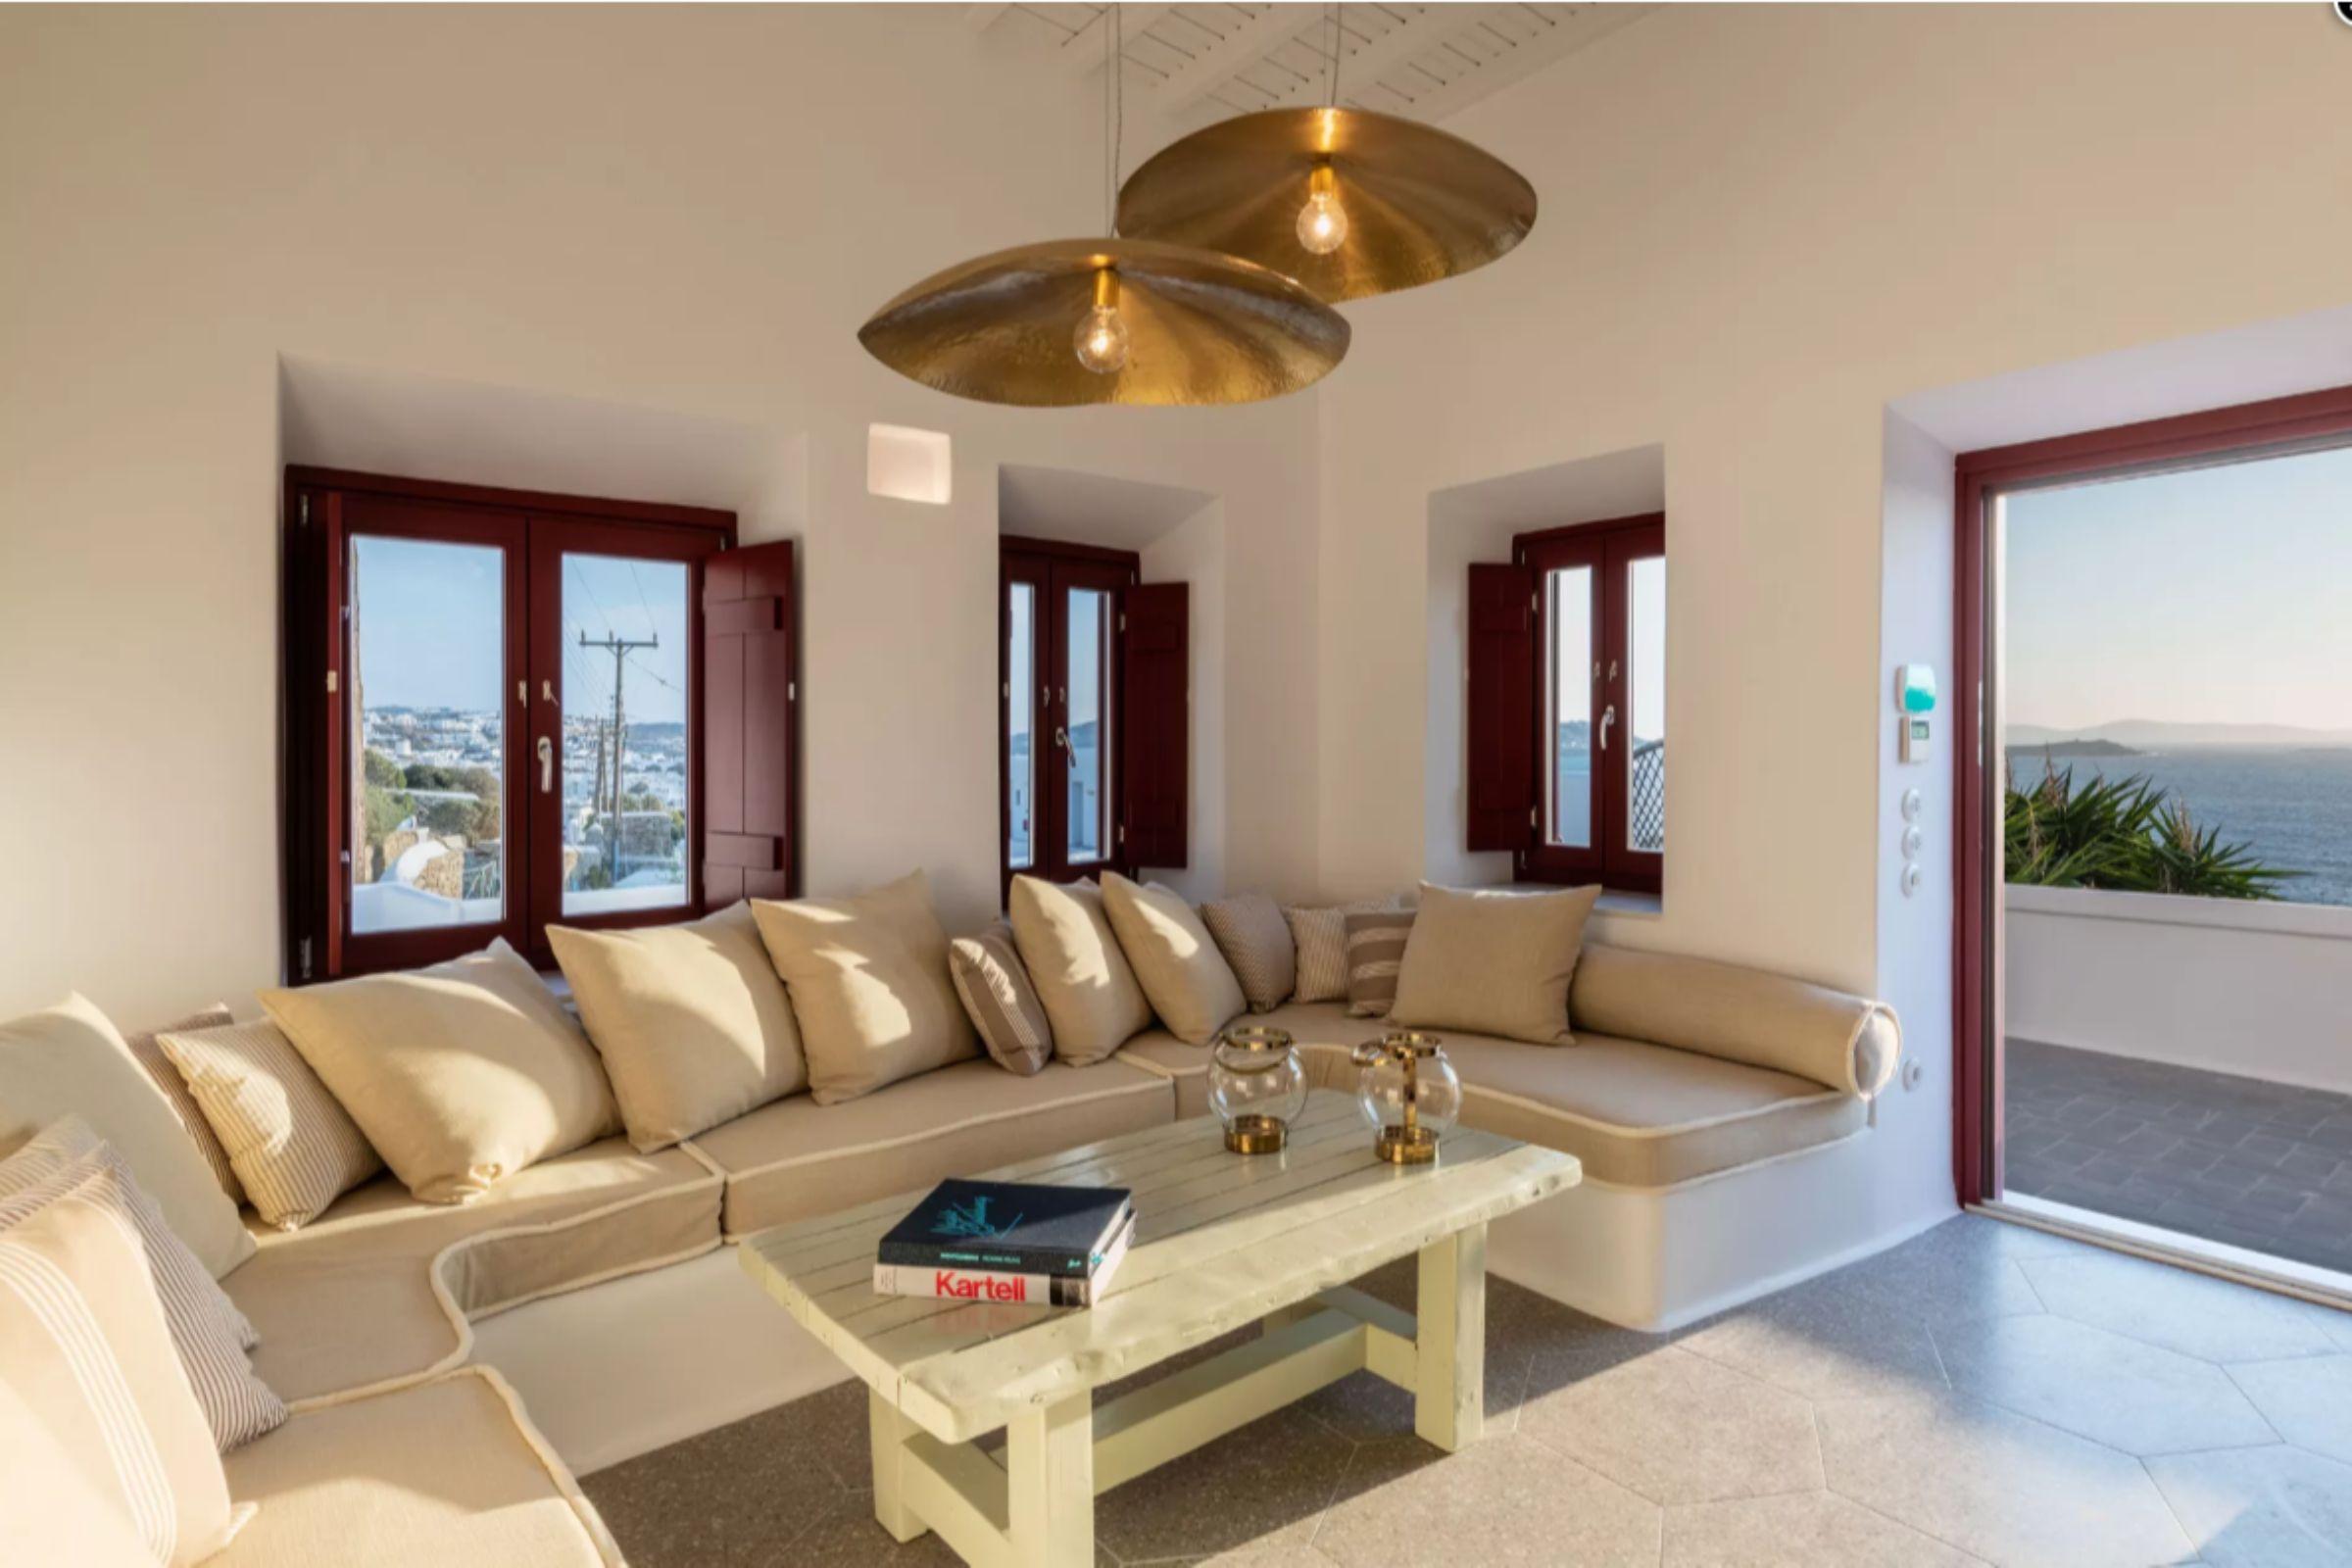 villas in mykonos town